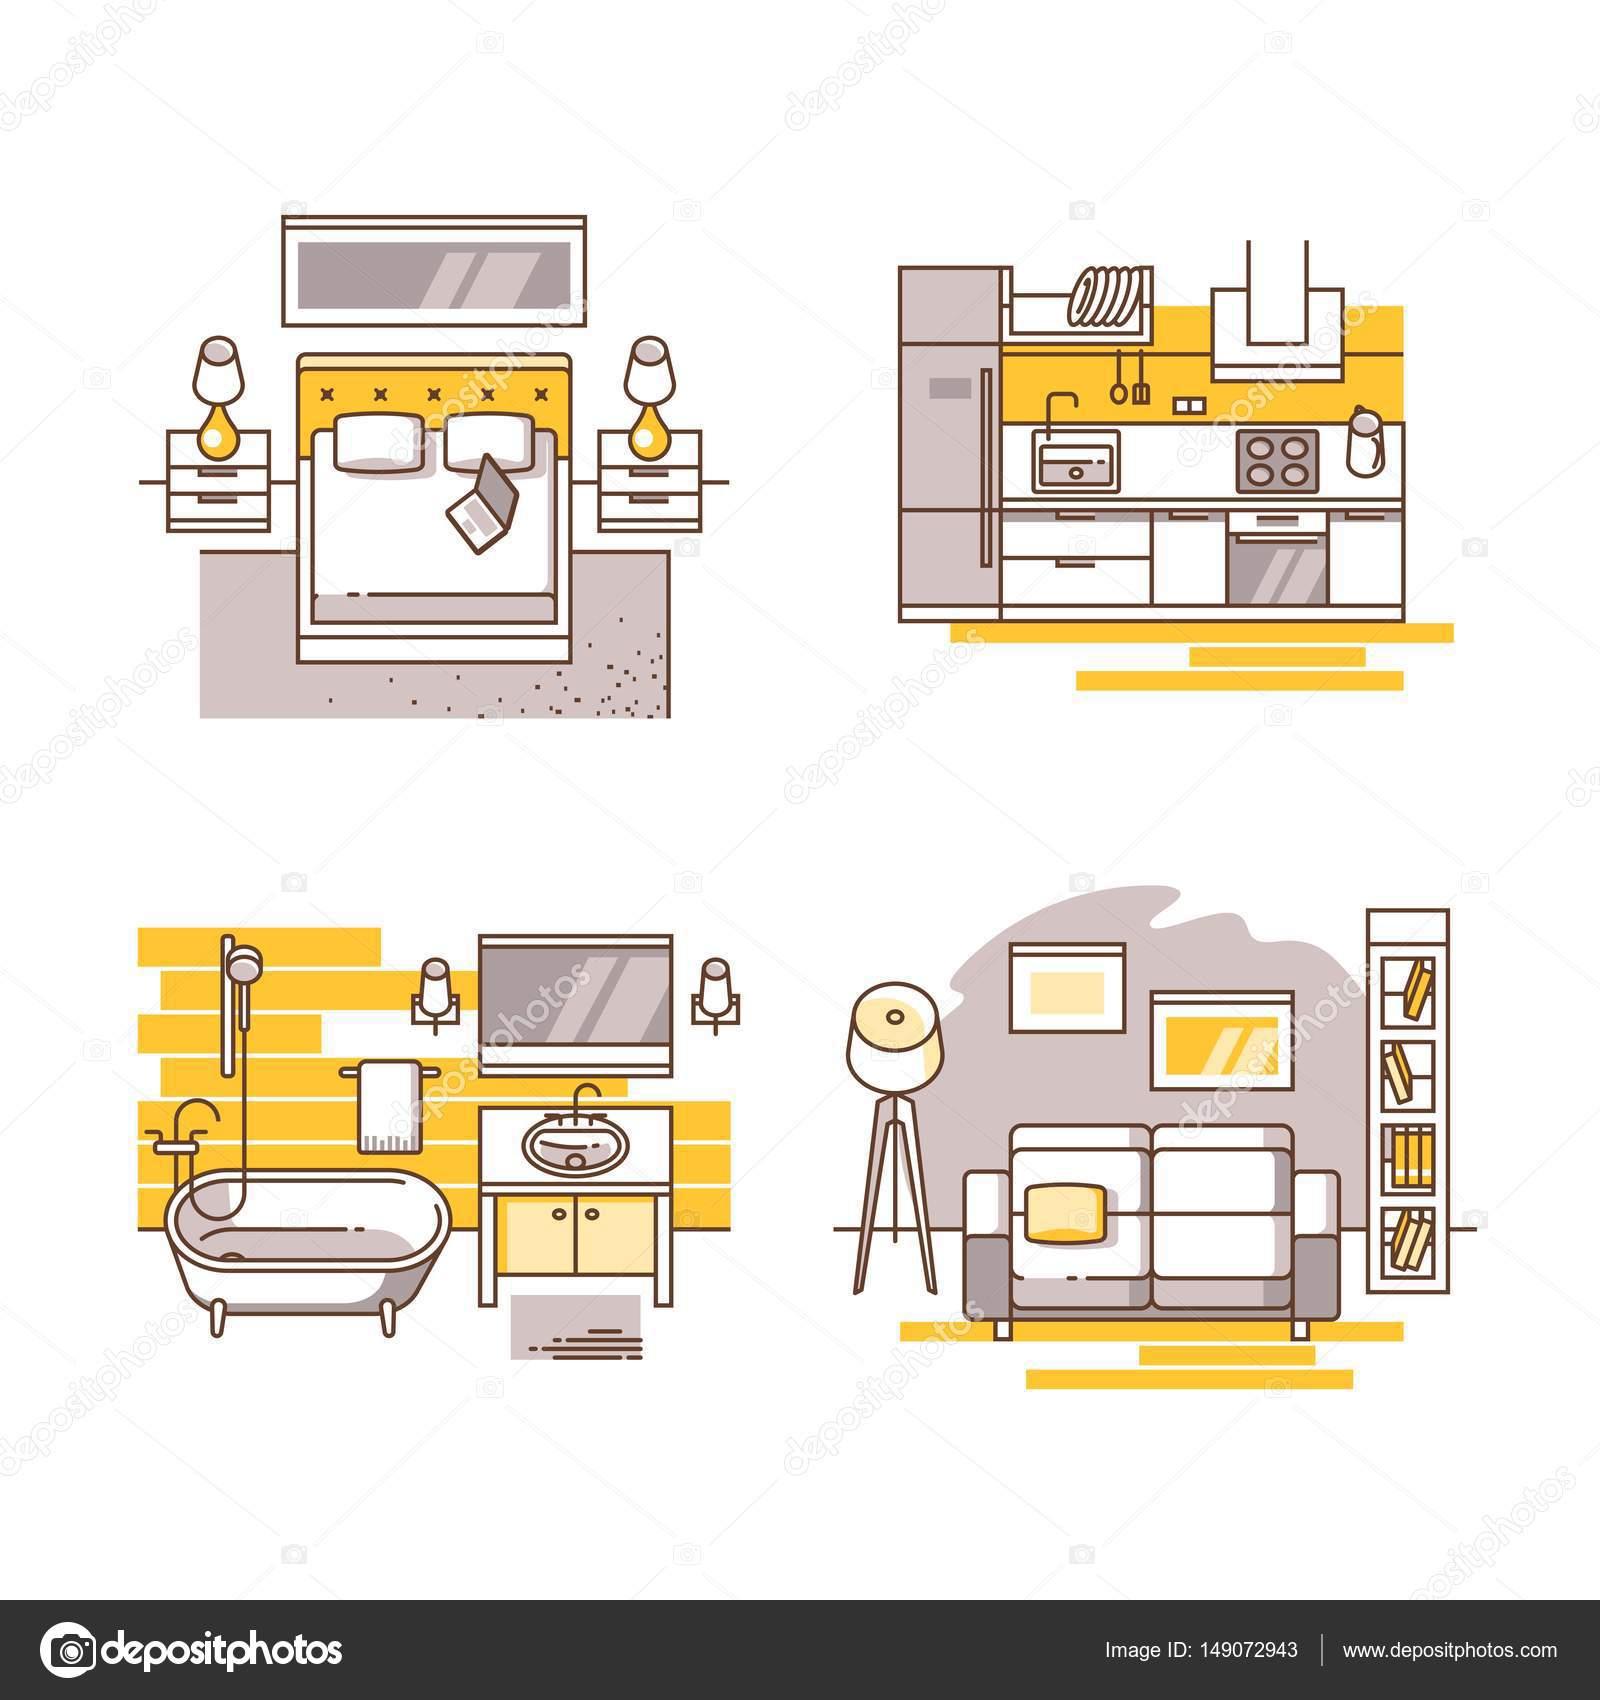 Juego de sala de dise o de interiores sala de estar dormitorio cocina y ba o ilustraci n de - Juego de diseno de interiores ...